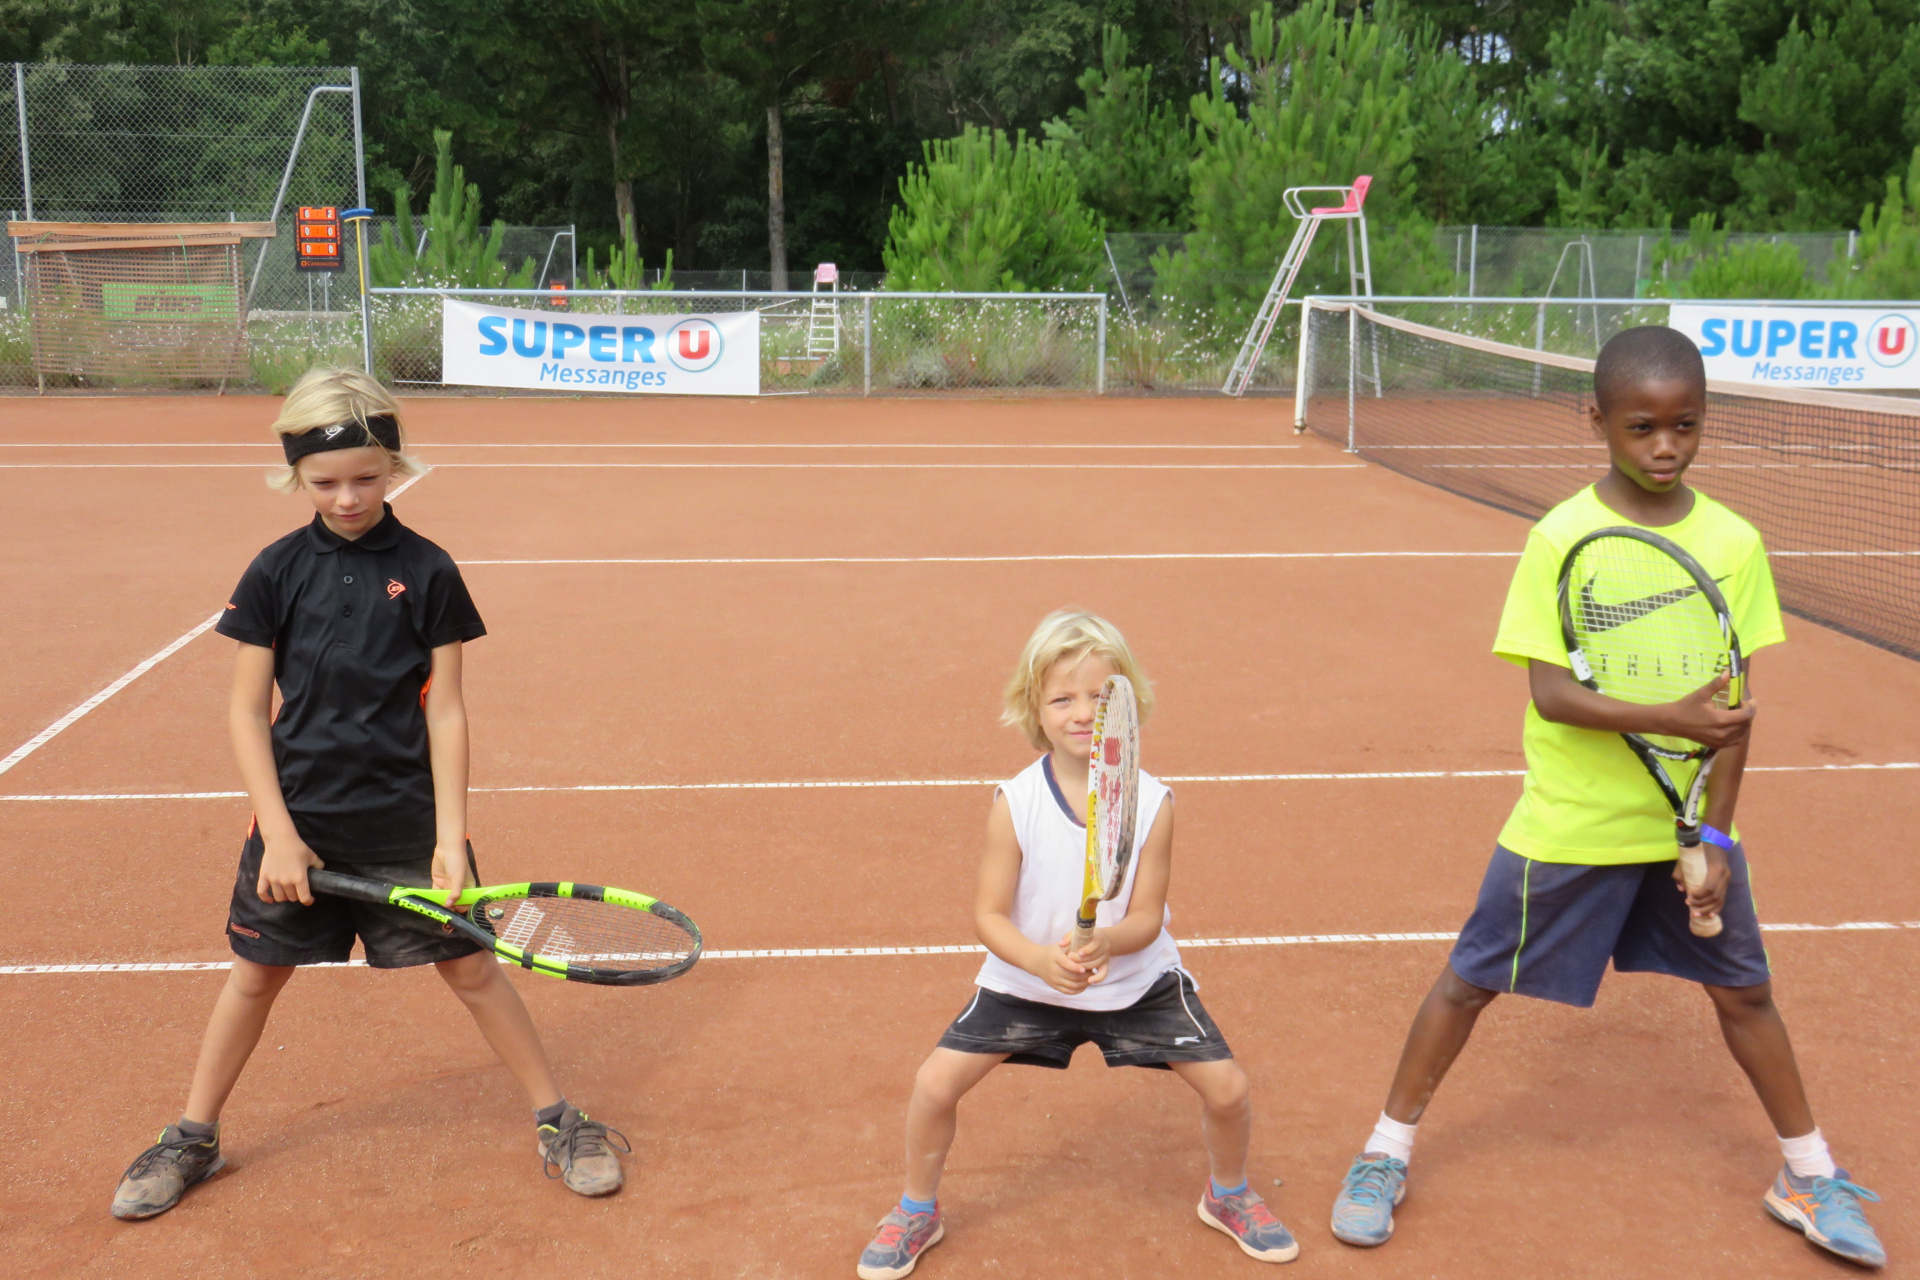 Inscrivez votre enfant à l'académie de tennis de moliets Du tennis de Moliets qui propose la location de courts à l'heure en dur, green-set, terre-battue, gazon couverts ou extérieurs. Des stages tennis pour tout public de Académie et Tennis Club de